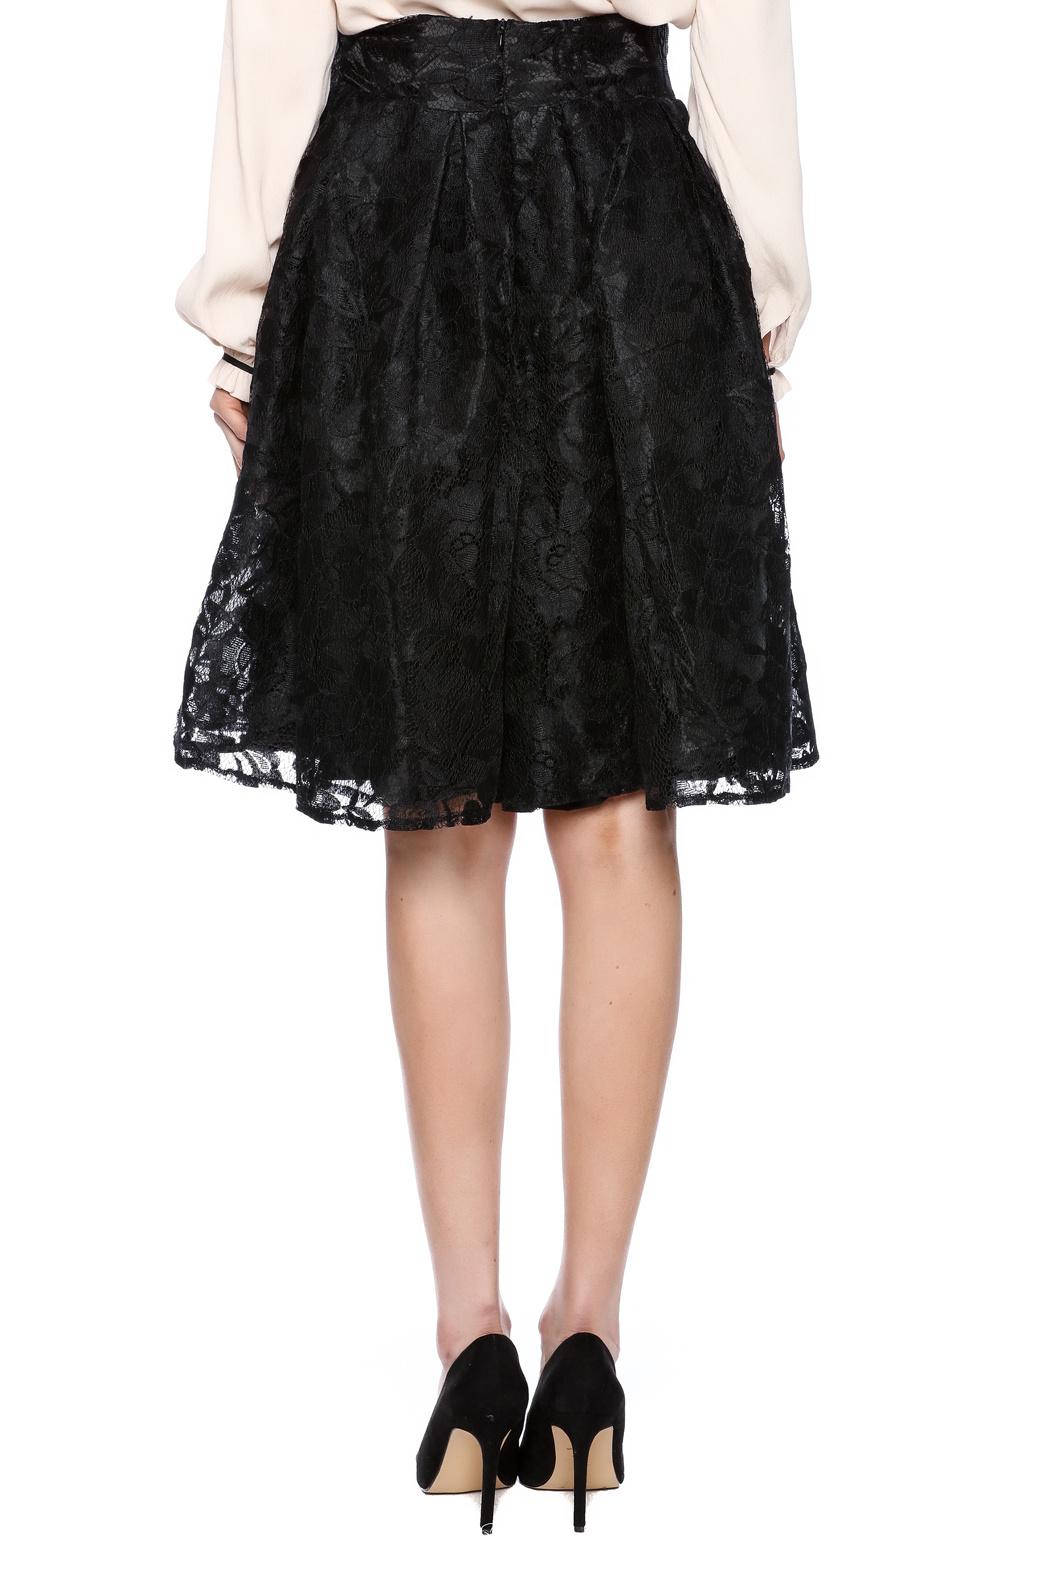 black lace skirt kikiriki black lace a-line skirt - back cropped image BVDABON